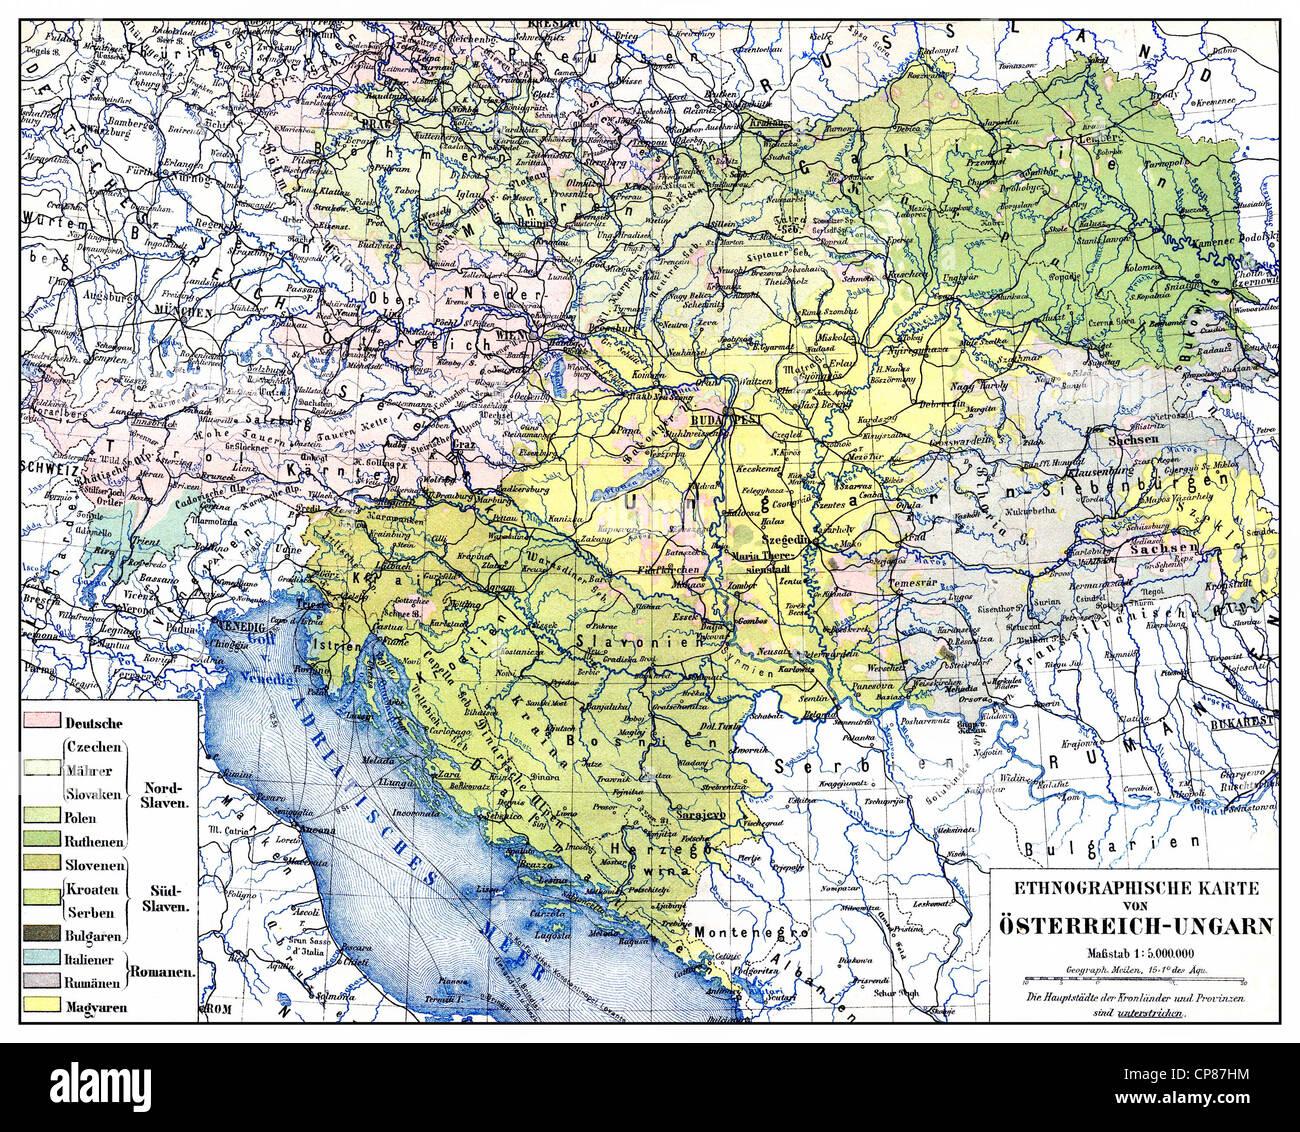 Carte ethnographique historique de l'Autriche-Hongrie, ou double monarchie monarchie kuk, pour la période Photo Stock